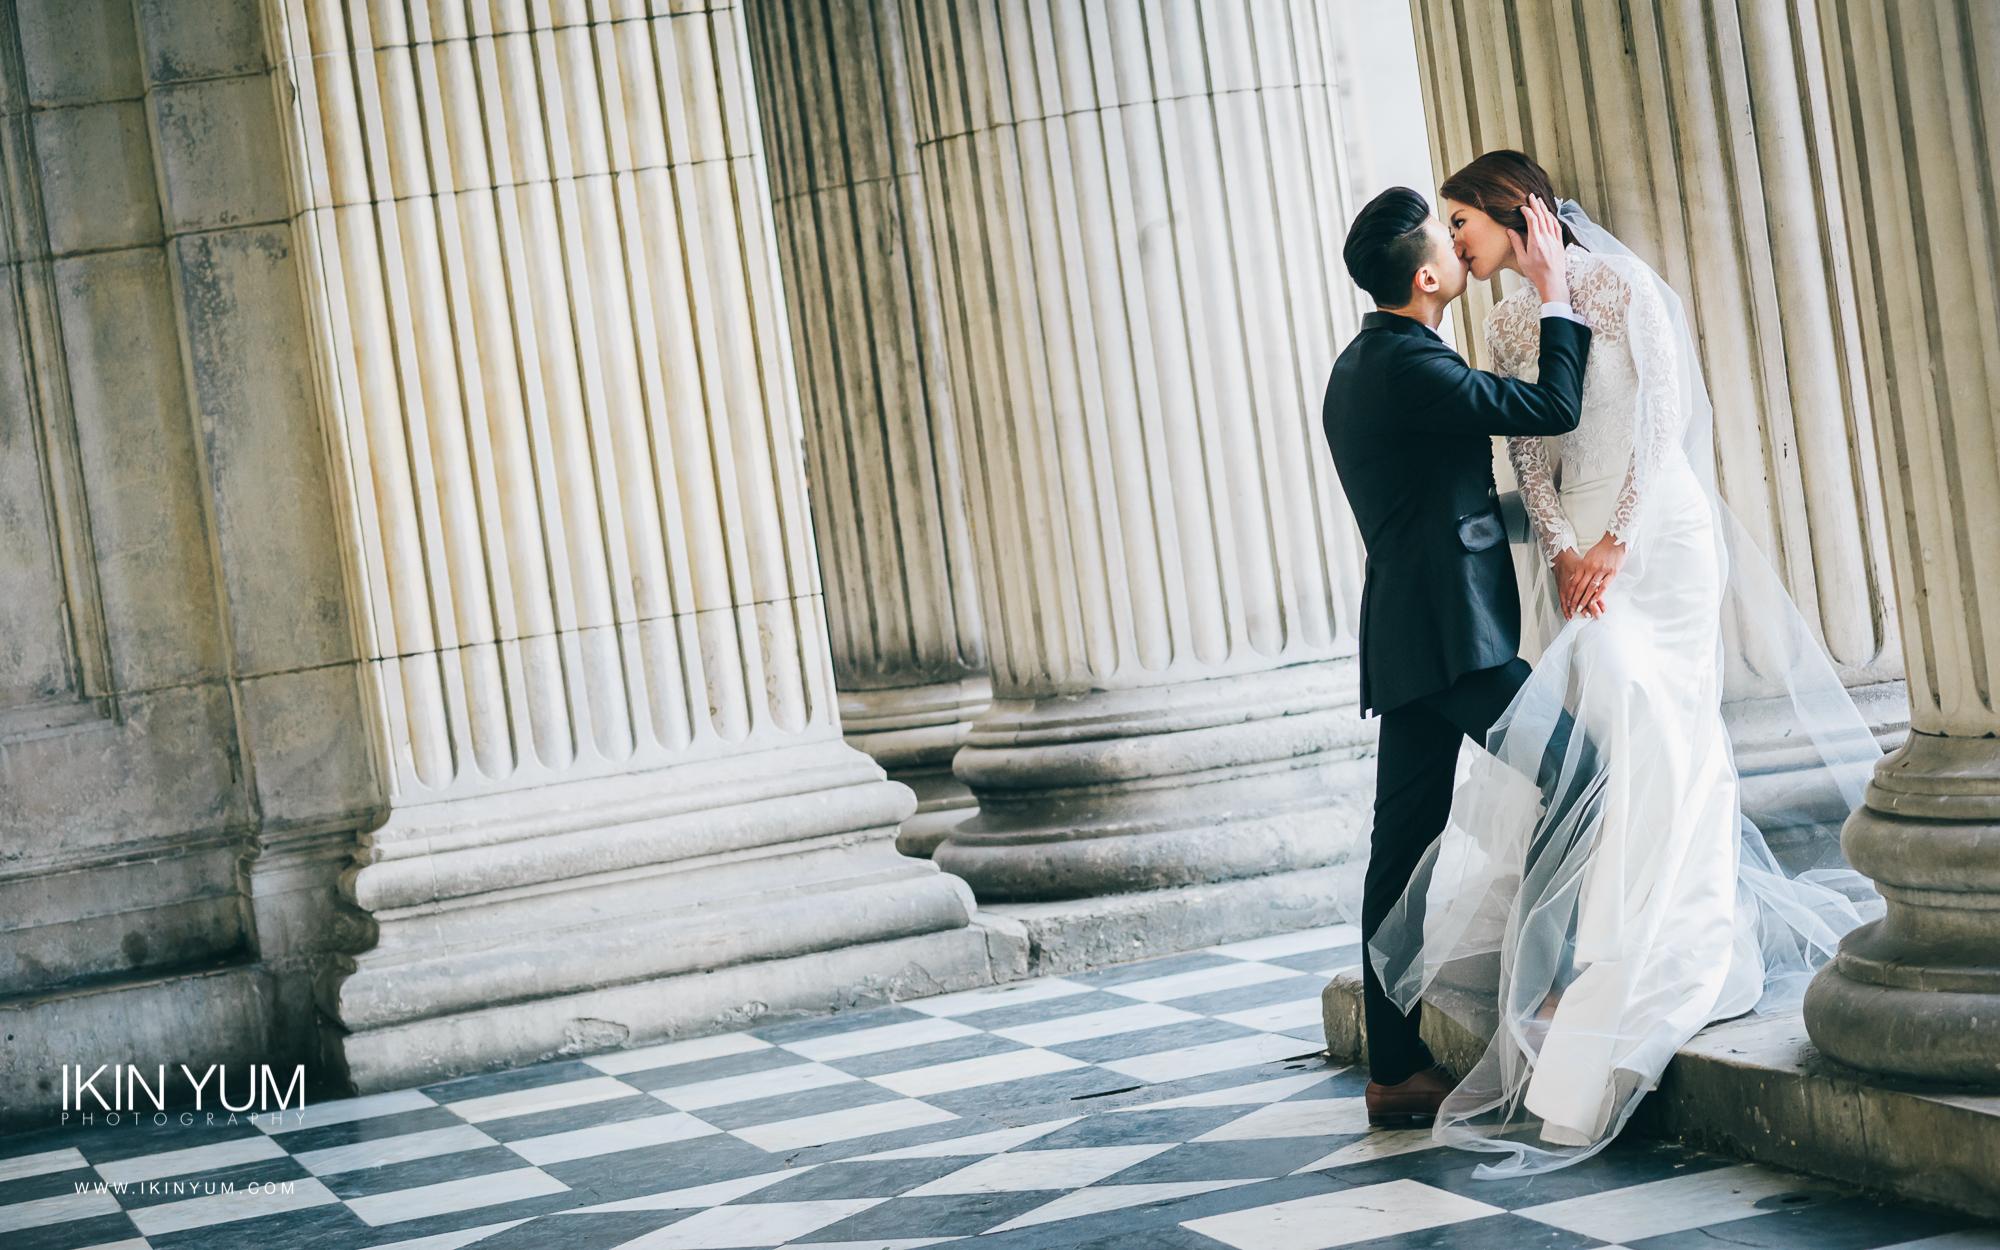 Pre-Wedding Shoot London Zann + Danny - Ikin Yum Photography-042.jpg